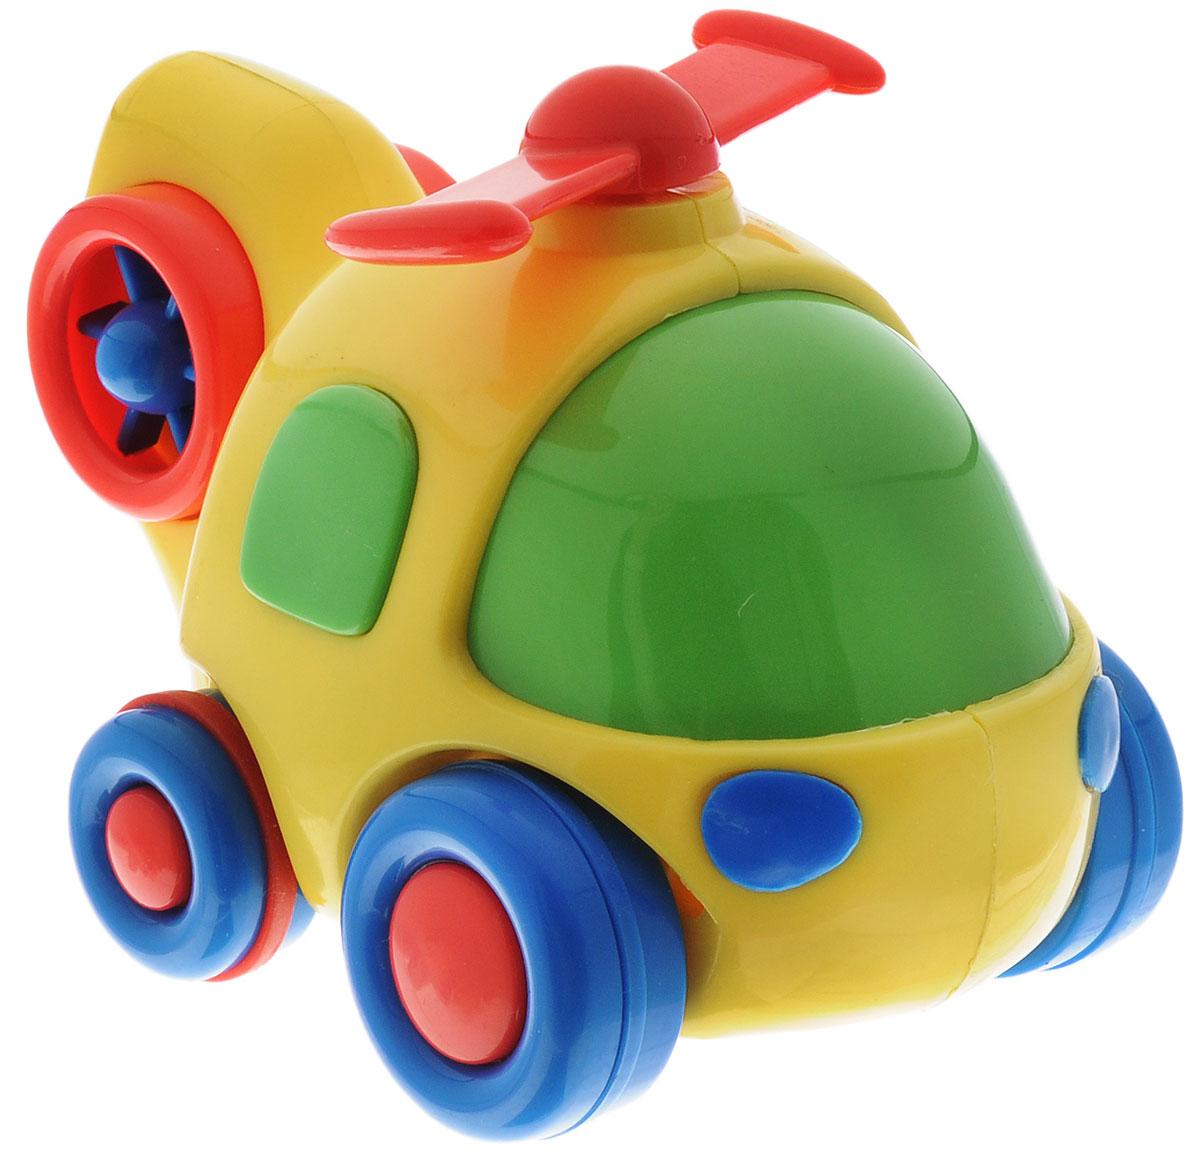 Simba Вертолет инерционный цвет желтый4015832_желтый, синие крыльяЯркая игрушка Simba Вертолет привлечет внимание вашего малыша и не позволит ему скучать! Выполненная из безопасного пластика, игрушка представляет собой забавный вертолет. Округлые без острых углов формы гарантируют безопасность даже самым маленьким. Для запуска, установите игрушку на поверхность, оттяните ее назад или прокатите вперед и отпустите, игрушка продолжит движение. Во время движения пропеллер начинает вращаться. Инерционная игрушка Вертолет поможет ребенку в развитии воображения, мелкой моторики рук, концентрации внимания и цветового восприятия.